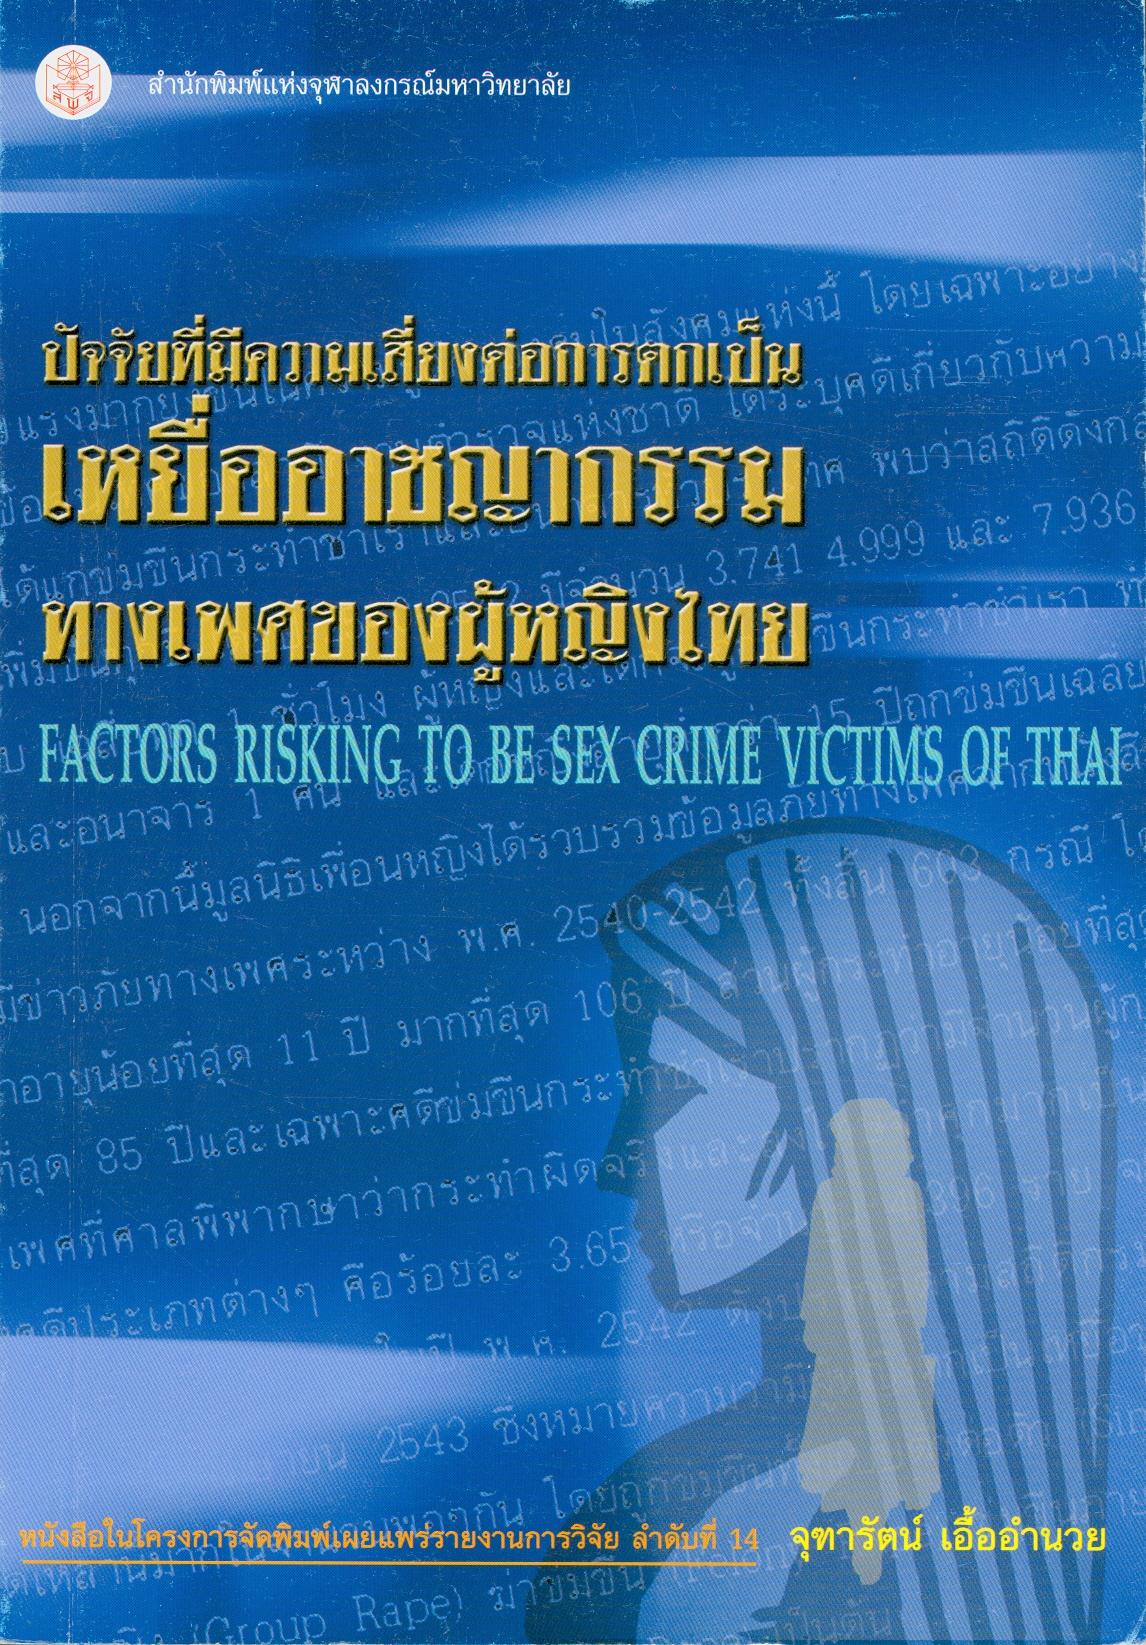 ปัจจัยที่มีความเสี่ยงต่อการตกเป็นเหยื่ออาชญากรรมทางเพศของผู้หญิงไทย /โดย จุฑารัตน์ เอื้ออำนวย  Factors risking to be sex crime victims of Thai